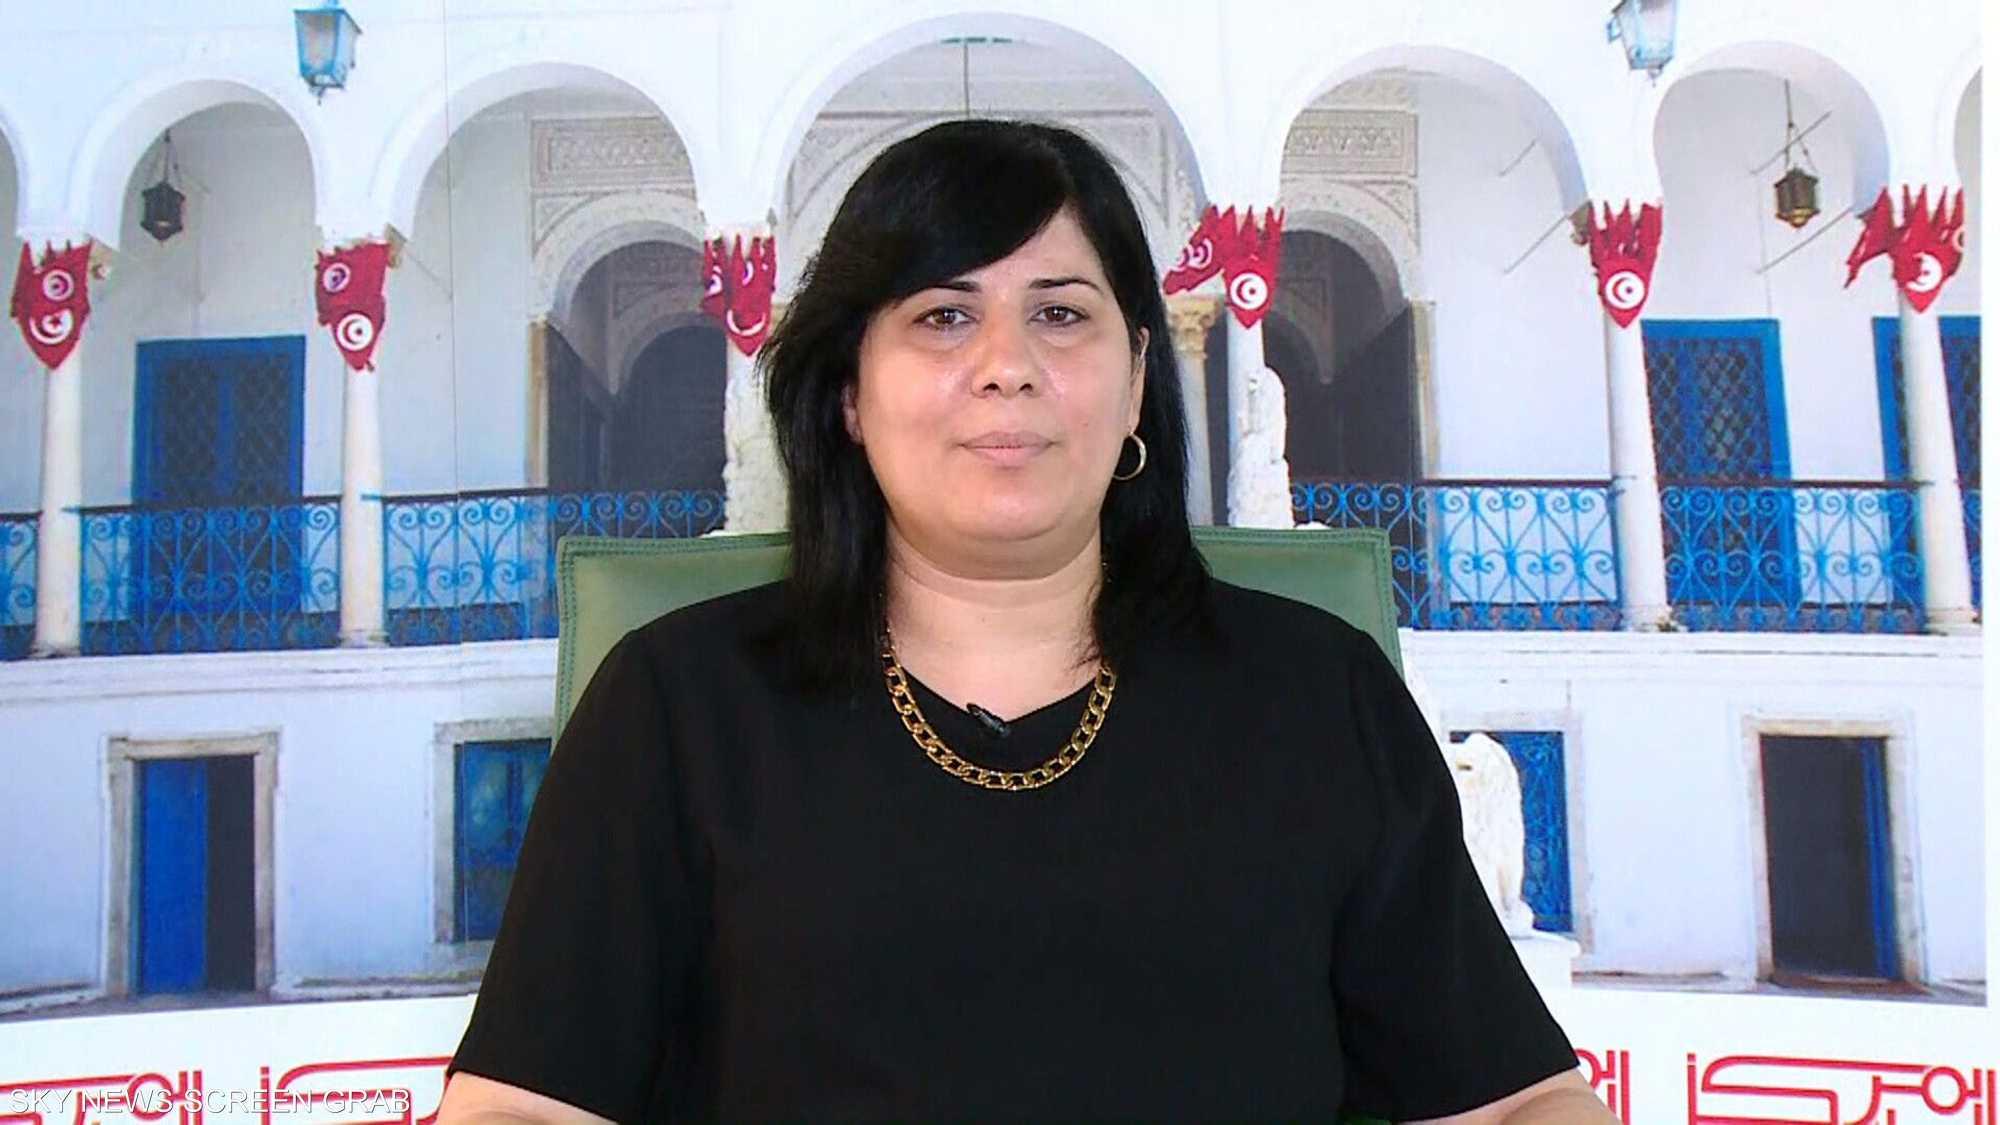 رئيسة كتلة الحزب الدستوري الحر في البرلمان التونسي عبير موسي